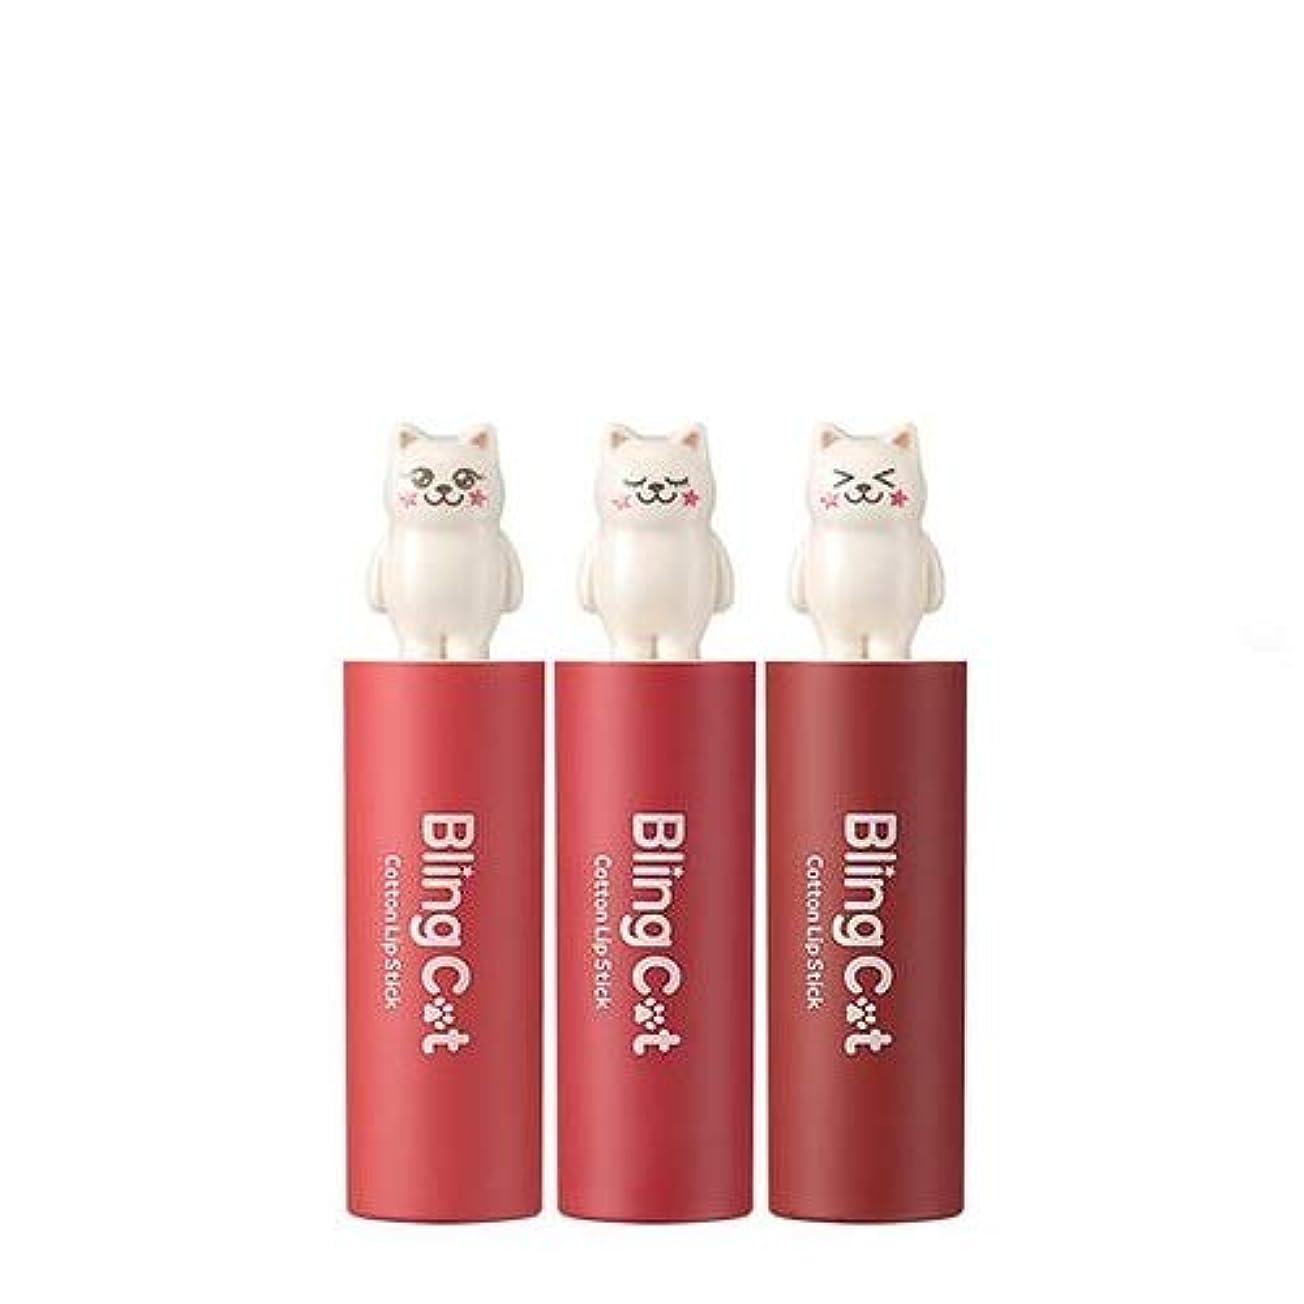 ブロンズ継続中ナンセンストニーモリー ブリングキャット コットン リップスティック 3.4g / TONYMOLY Bling Cat Cotton Lipstick # 02. Heroine Pink [並行輸入品]